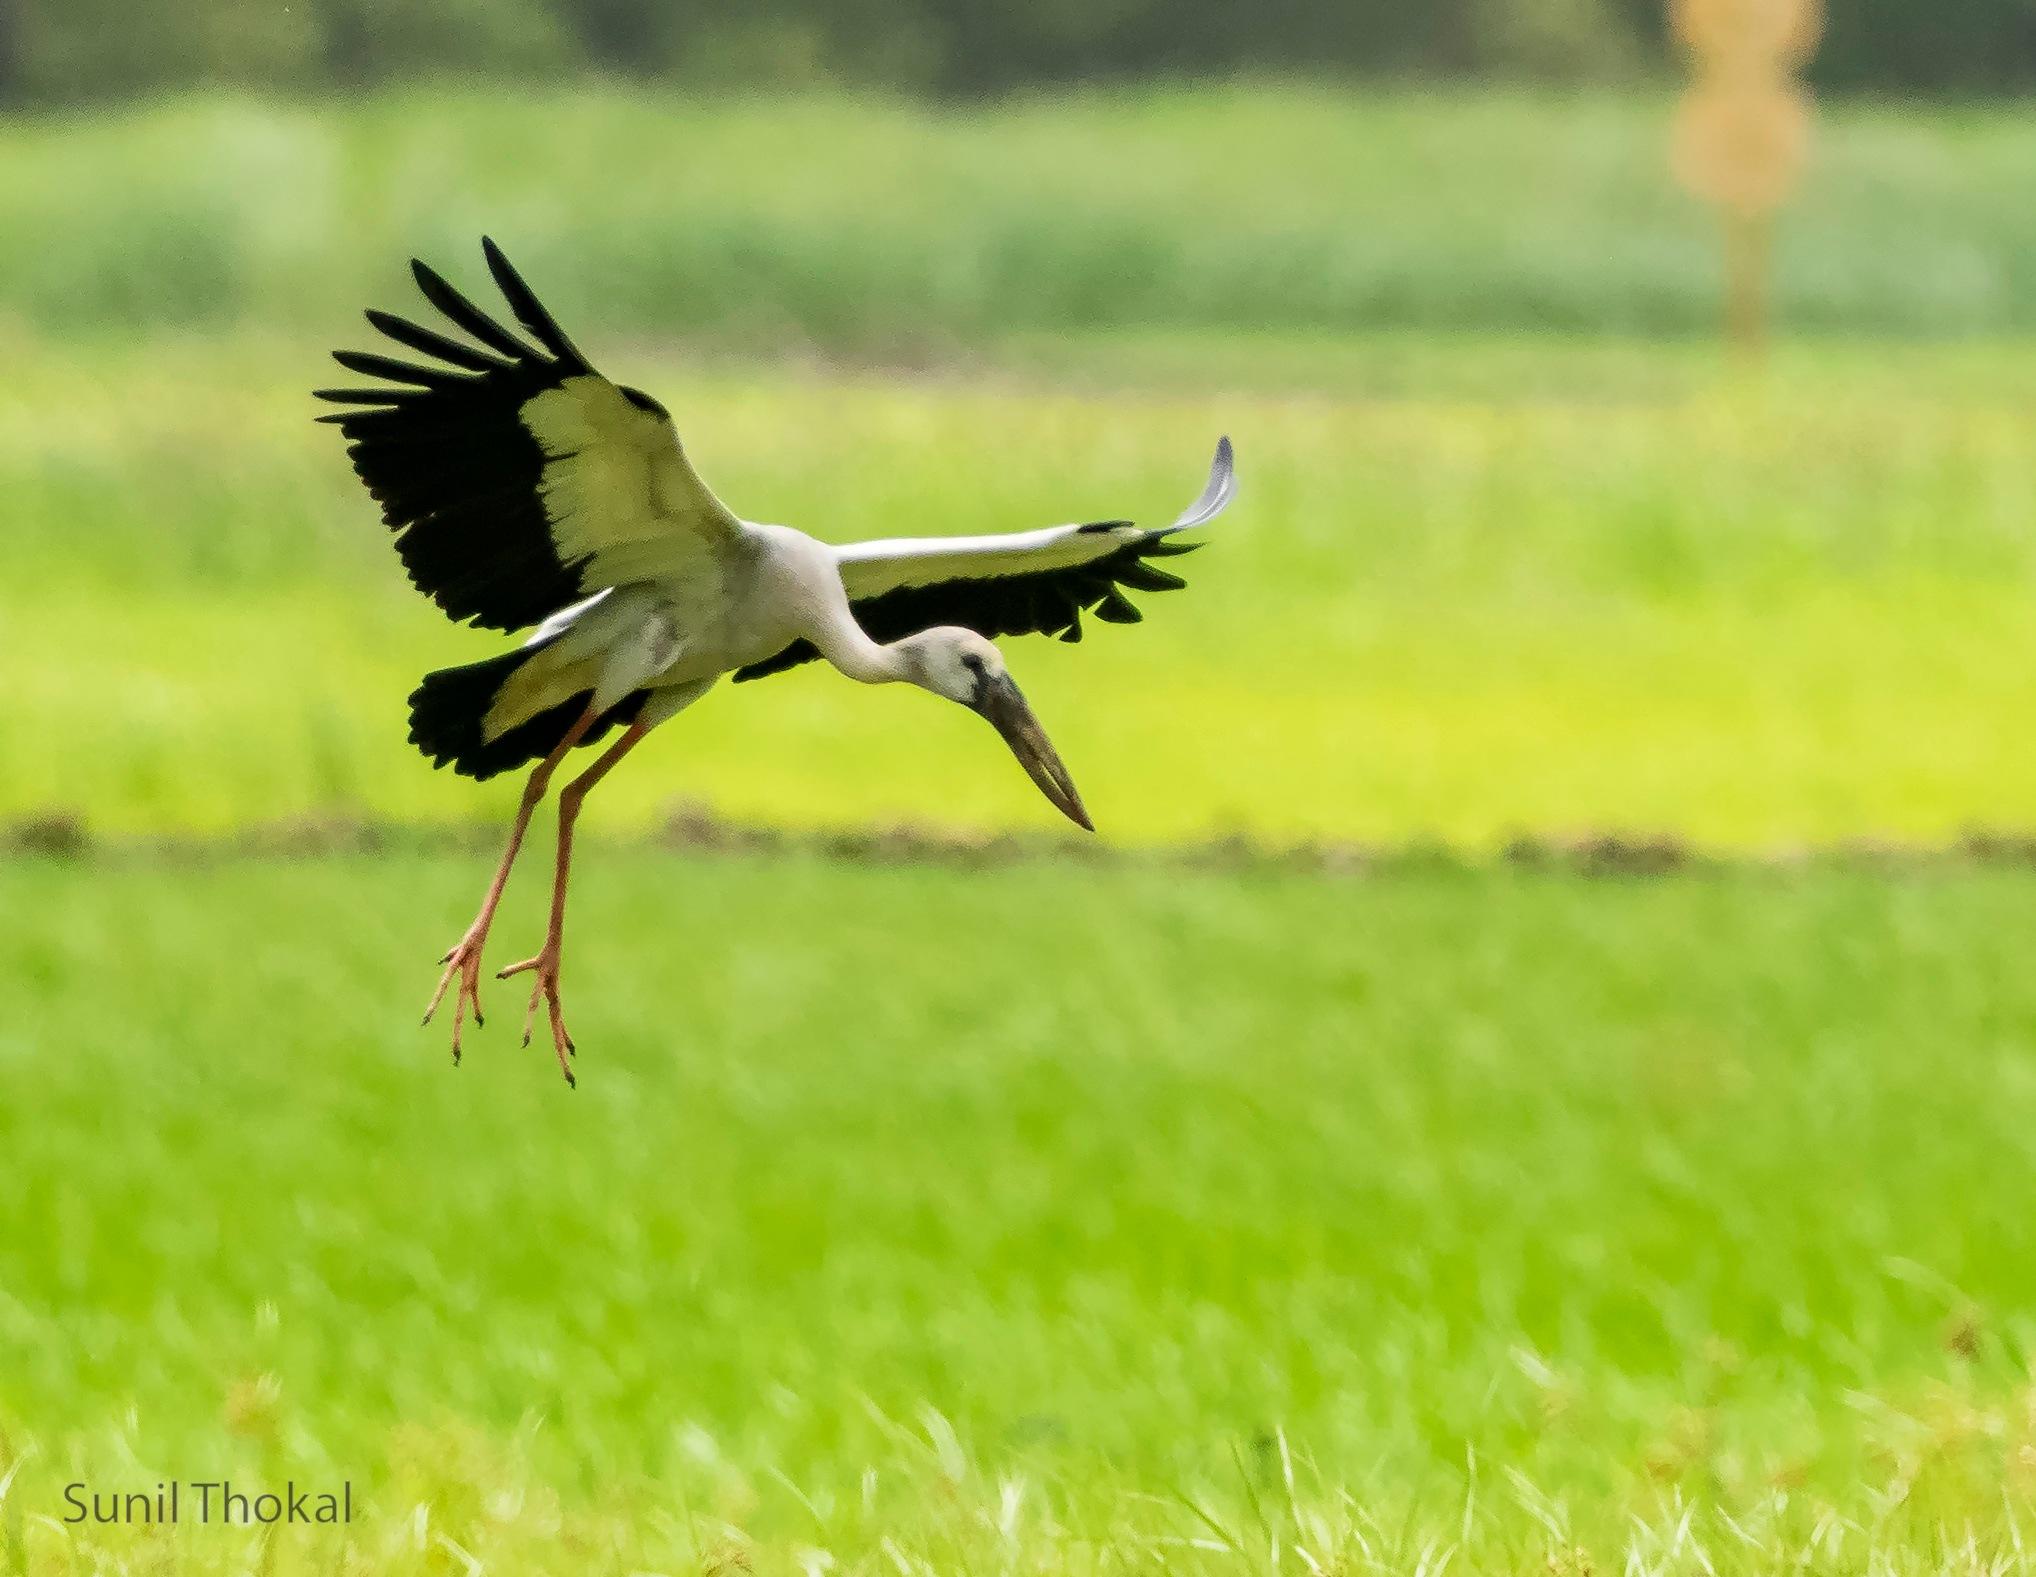 Open Billed Stork by Sunil Prabhakar Thokal